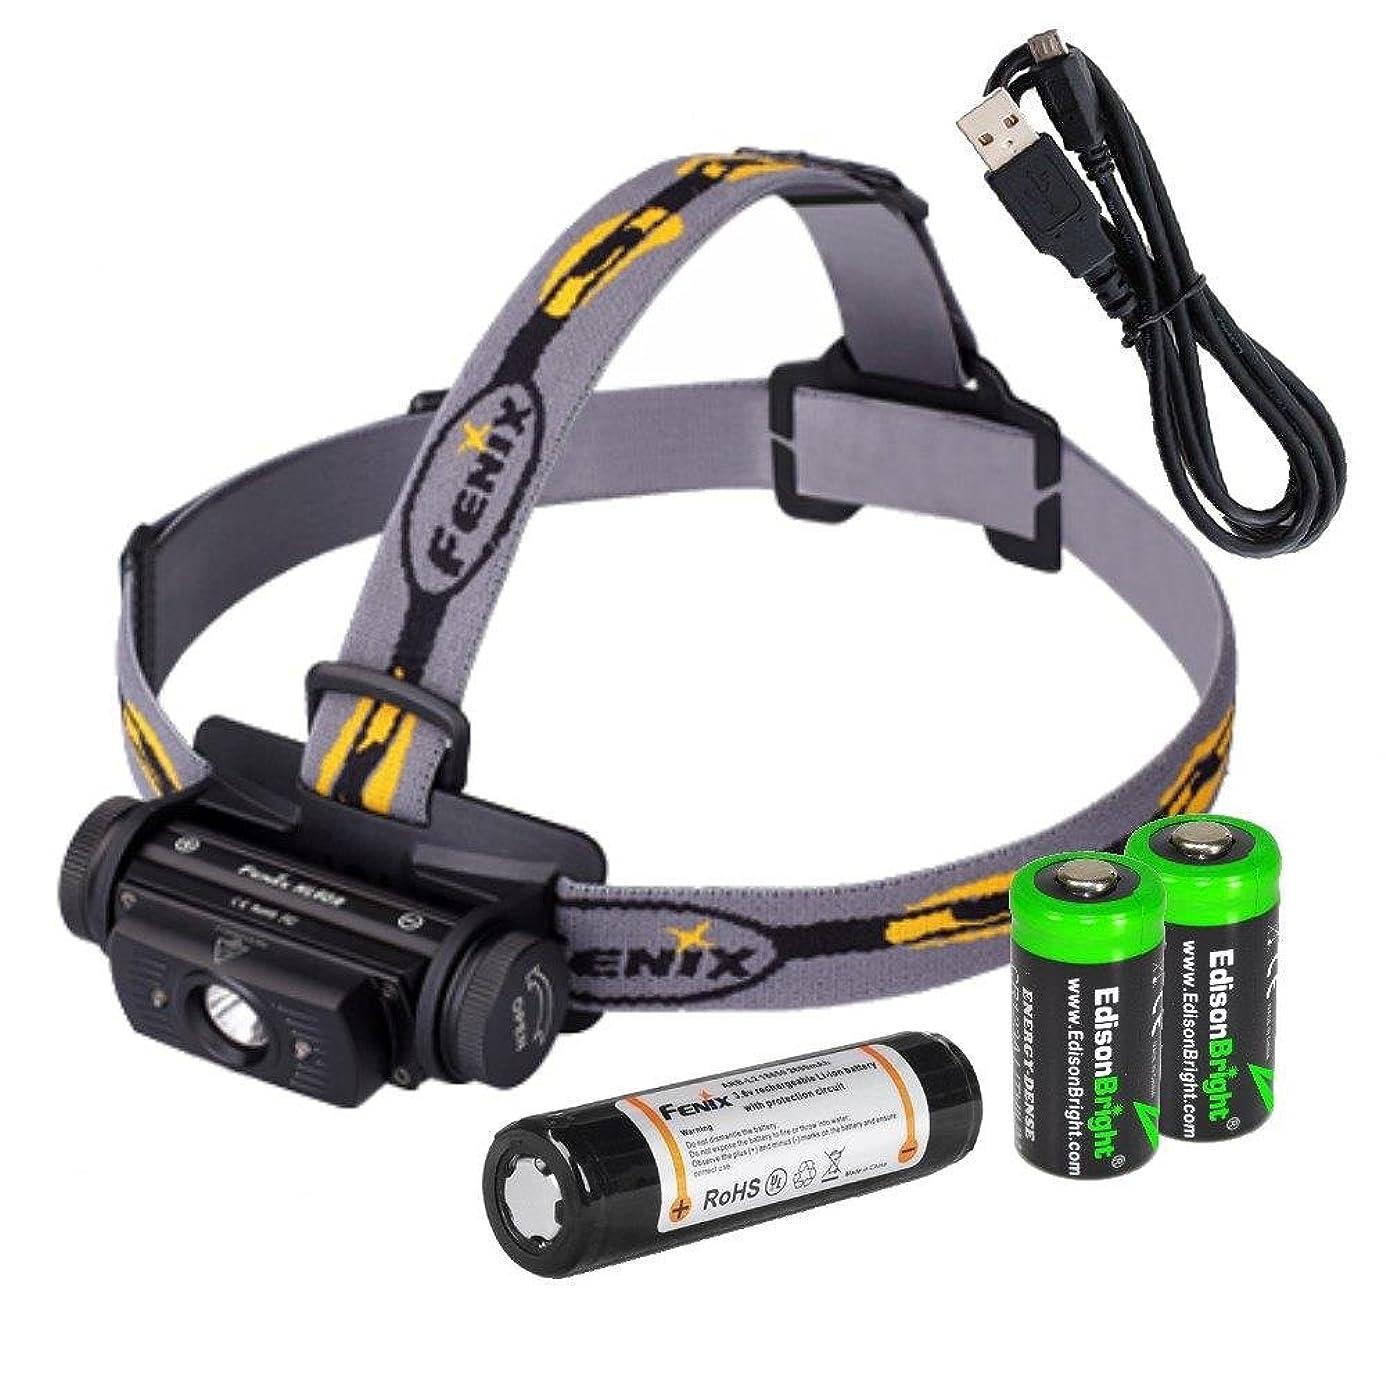 EdisonBright Bundle Fenix HL60R 950 Lumen USB Rechargeable CREE XM-L2 T6 LED Headlamp, Fenix 18650 Rechargeable Li-ion Battery with 2 X CR123A Back-up Batteries